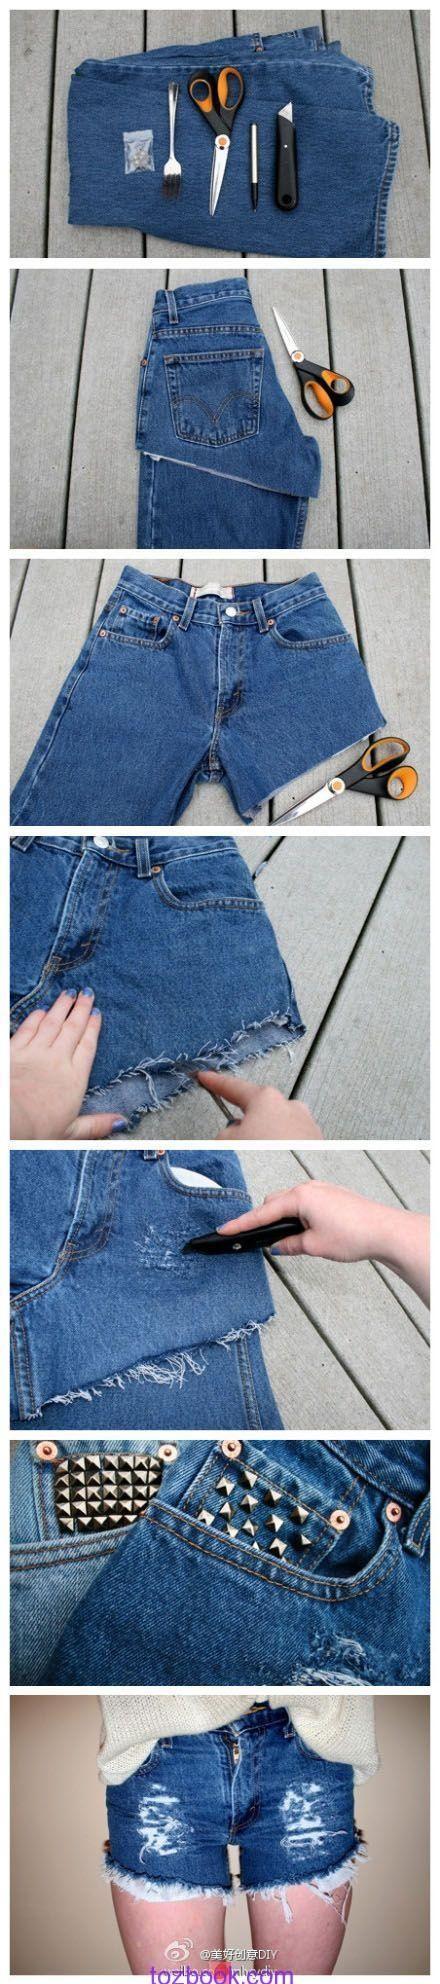 Kot pantolondan mini süslü şort yapmak için paylaştığım bu güzel değerlendirme çalışmasını sizde eski kot pantolonlarınız için düşünebilirsiniz. Eski kottan mini şort yapabilir ve birde süslediğini…